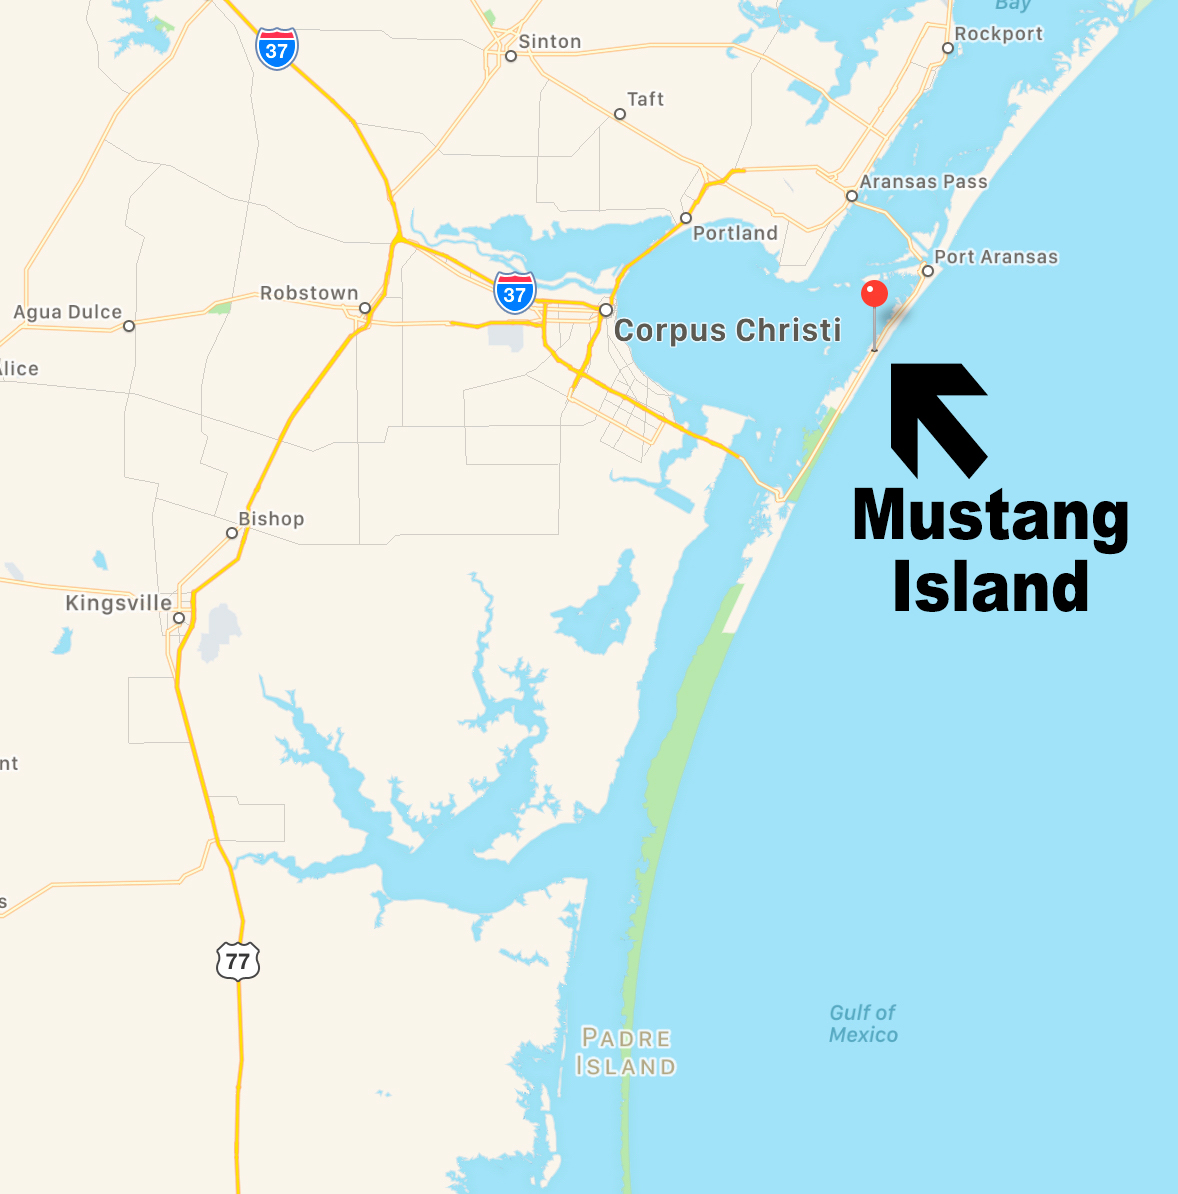 Mustang Island Beach: The Clueless Gent